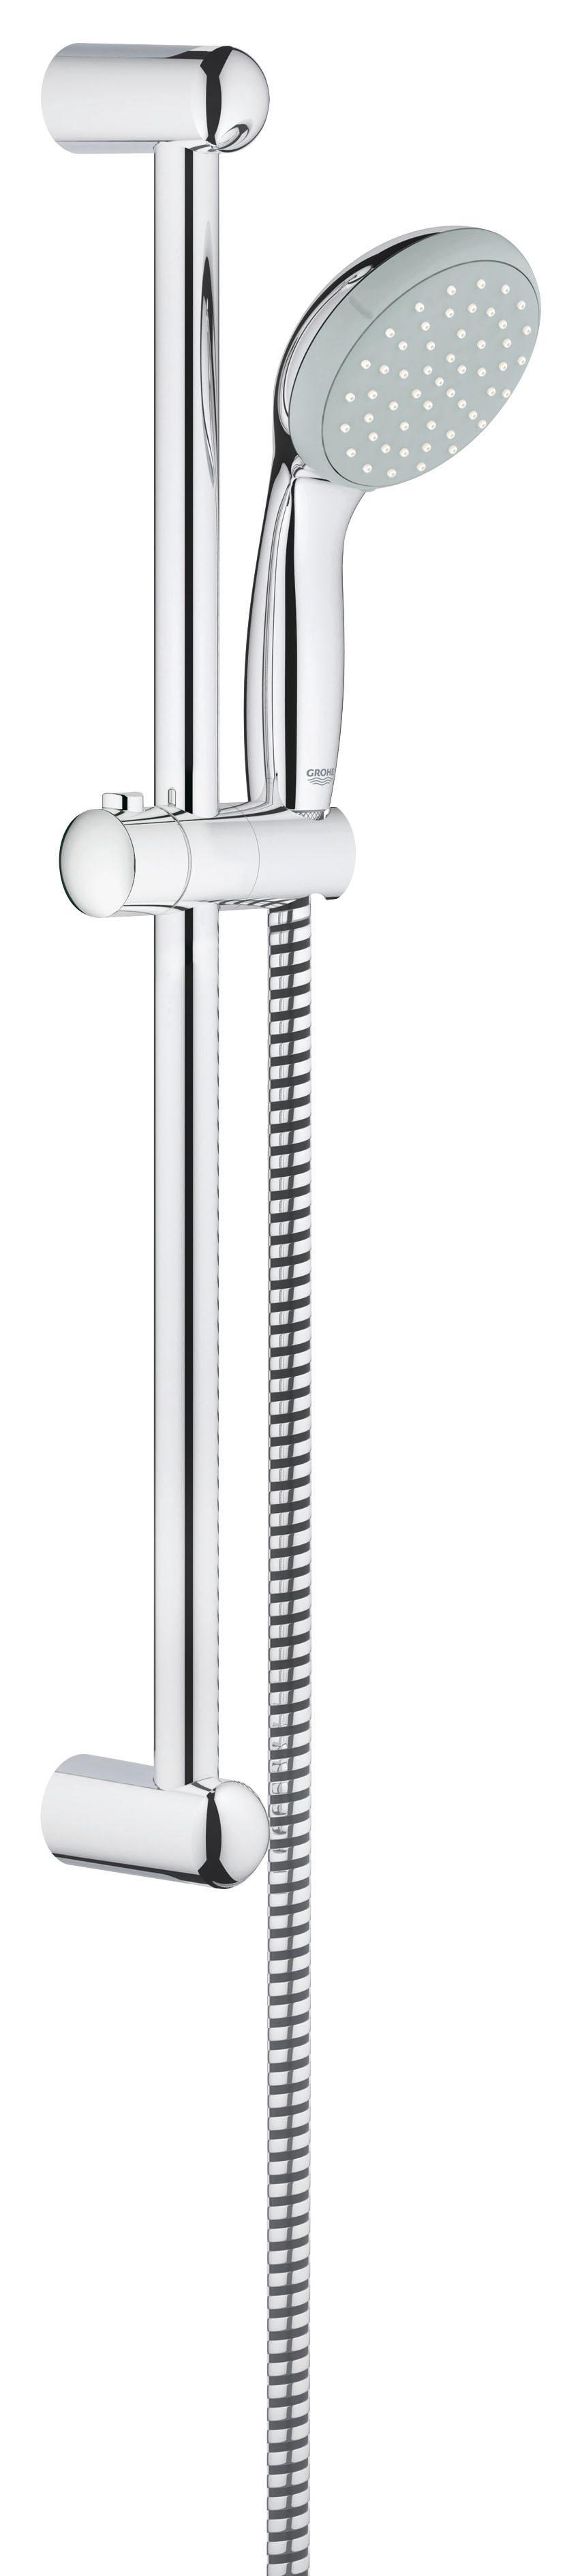 Душевой комплект GROHE Tempesta Classic I (27853000)27853000GROHE New Tempesta 100: душевой гарнитур со штангой длиной 600 мм и душевой головкой диаметром 100 мм для расслабляющих водных процедур в стиле спа Этот душевой гарнитур с настенным держателем из серии New Tempesta 100 в комплекте с душевой головкой, штангой и шлангом, избавит Вас от необходимости поиска и подбора отдельных элементов. Все компоненты гарнитура отличаются эстетичным дизайном, а также высокой износостойкостью и простотой в уходе за счет глянцевого хромированного покрытия GROHE StarLight. Силиконовое кольцо ShockProof защитит ручной душ от повреждений в случае падения. В режиме Rain Вас окутает ласковый поток капель, напоминающий теплый летний дождь, и каждое принятие душа превратится в расслабляющую спа-процедуру. Технология GROHE DreamSpray обеспечивает равномерность душевой струи, а система SpeedClean предотвращает известкование форсунок душевой головки.Особенности:Включает в себя: Ручной душ (27 852 000) Душевая штанга, 600 мм (27 523 000) Душевой шланг Relexaflex 1750 мм 1/2? x 1/2? (28 154 000) GROHE DreamSpray превосходный поток воды GROHE StarLight хромированная поверхностьС системой SpeedClean против известковых отложений Внутренний охлаждающий канал для продолжительного срока службы ShockProof силиконовое кольцо, предотвращающееПовреждение поверхности при падении ручного душа Может использоваться с проточным водонагревателемВидео по установке является исключительно информационным. Установка должна проводиться профессионалами! Характеристики: Материал: ABS-пластик, металл. Высота штанги: 60 см. Длина шланга: 175 см. Размер упаковки: 69 см х 15 см х 7 см. Артикул: м.